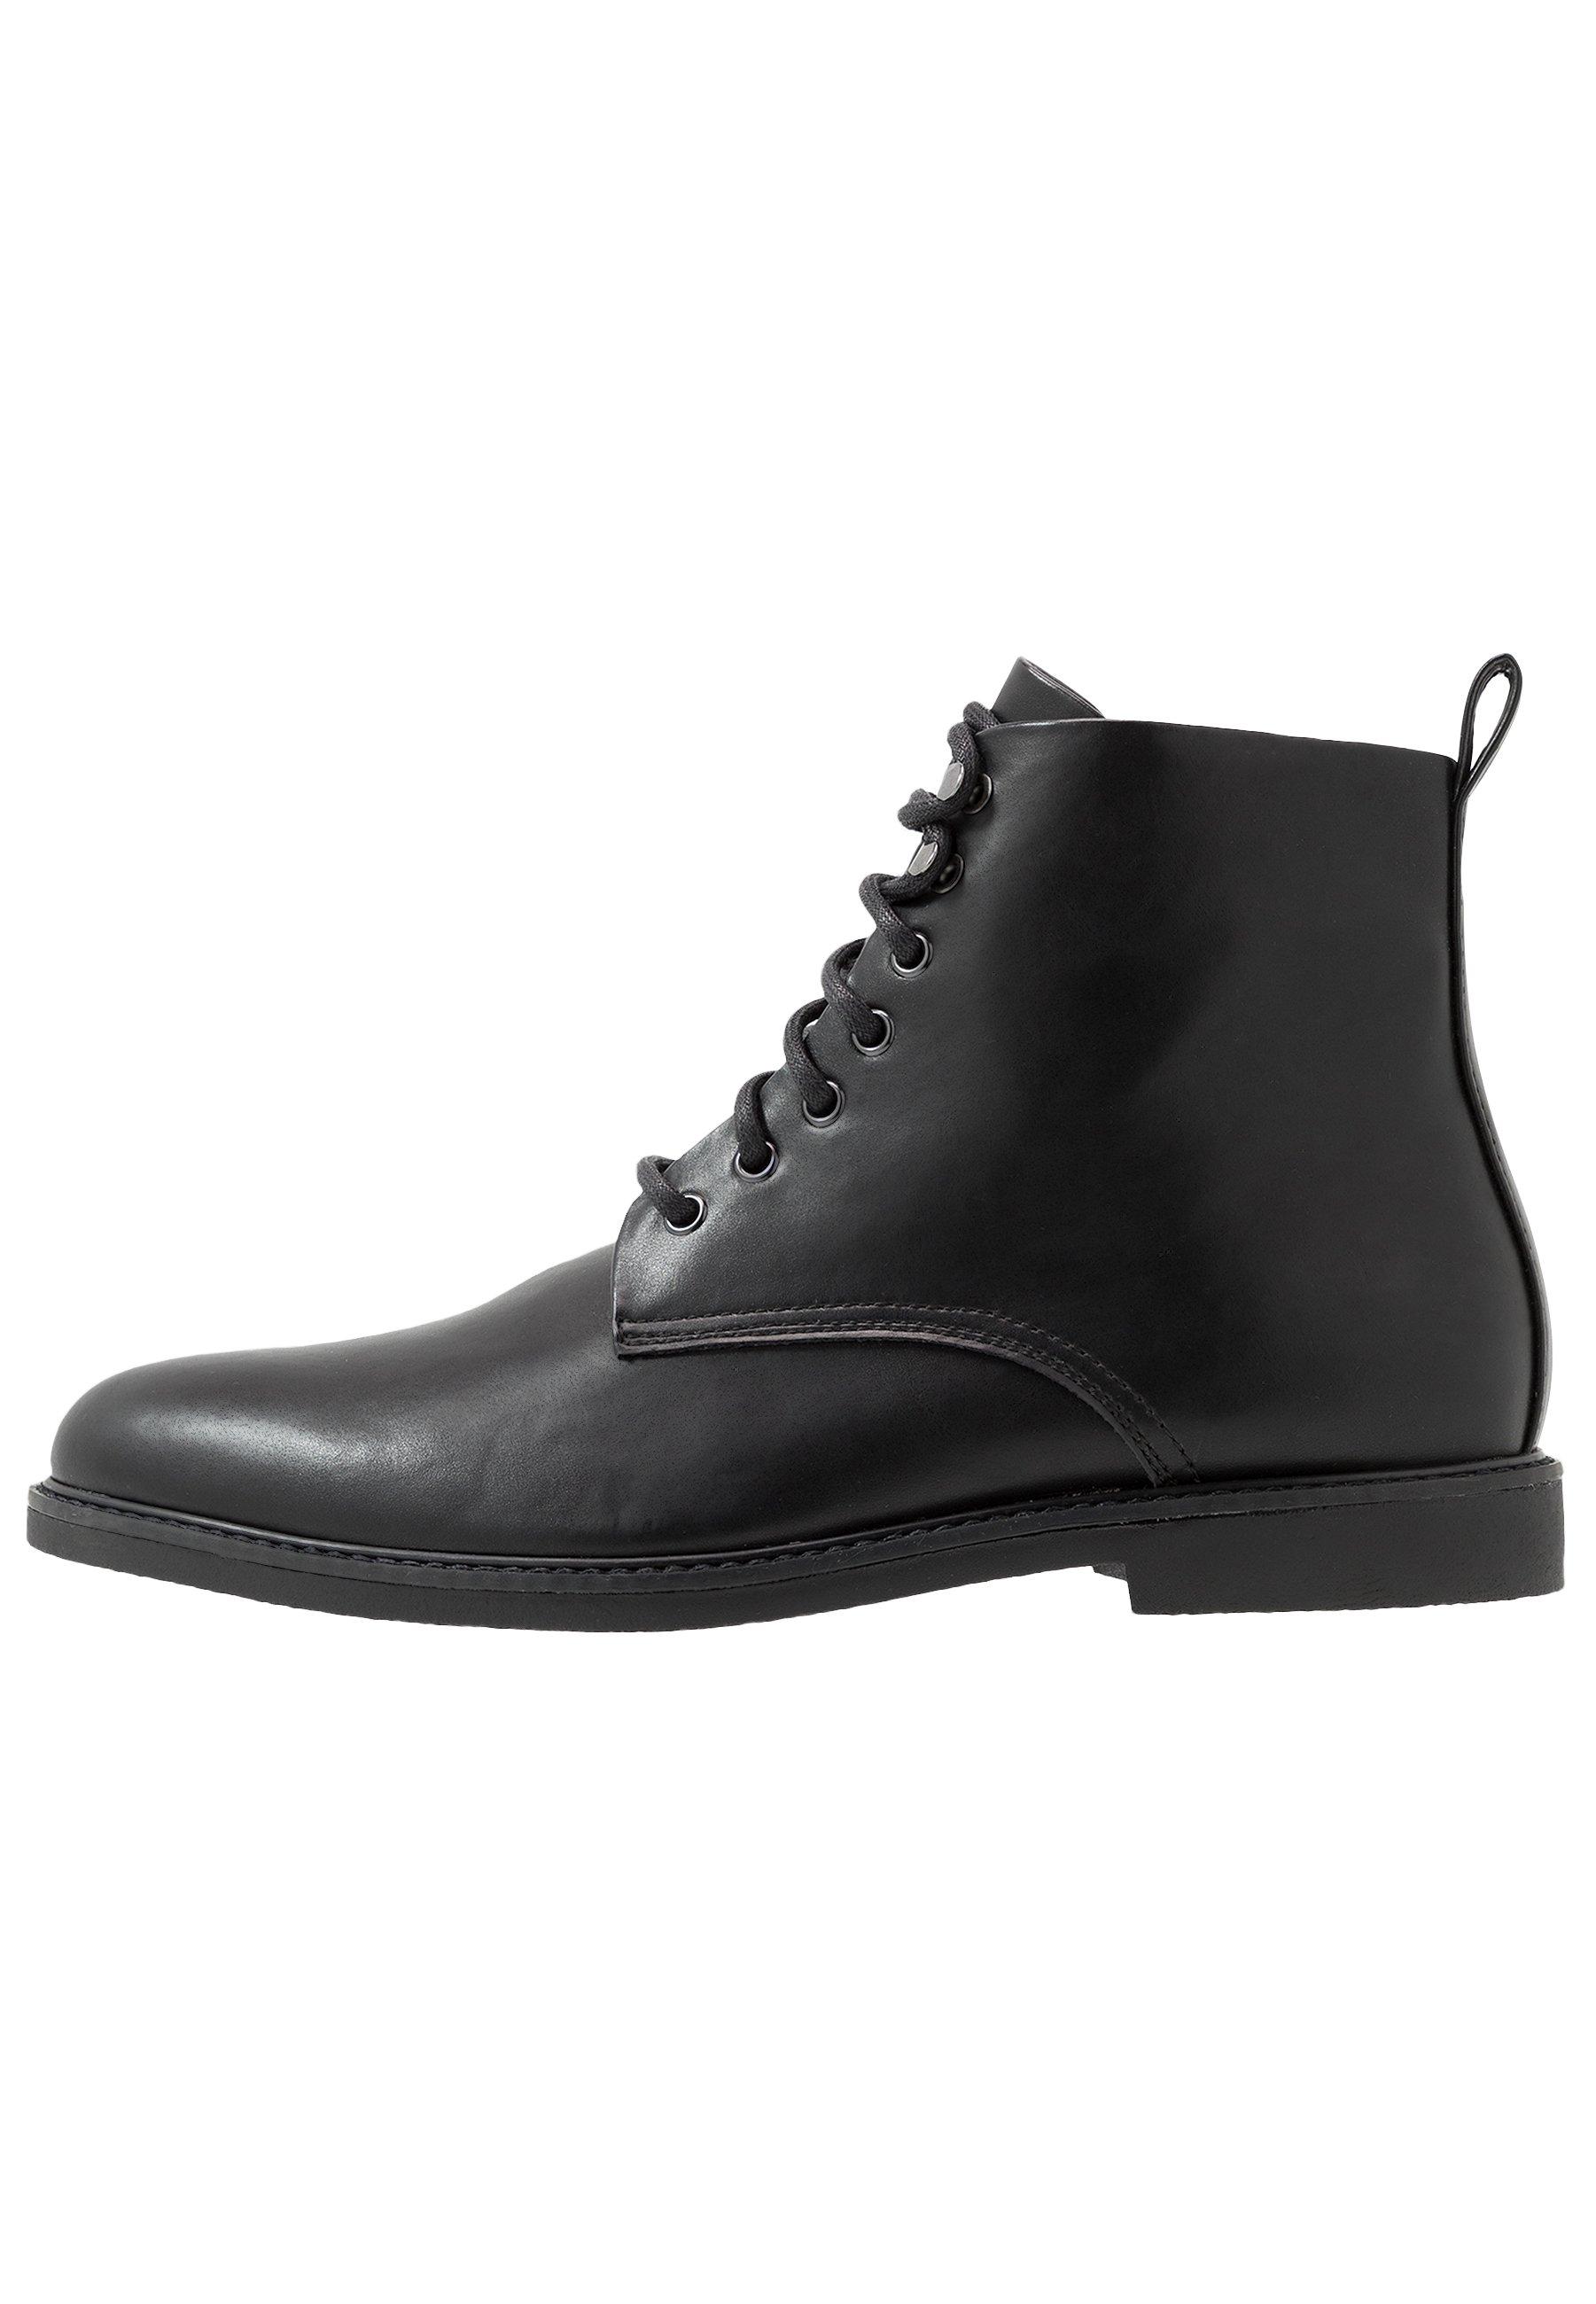 Men Lace-up ankle boots - black